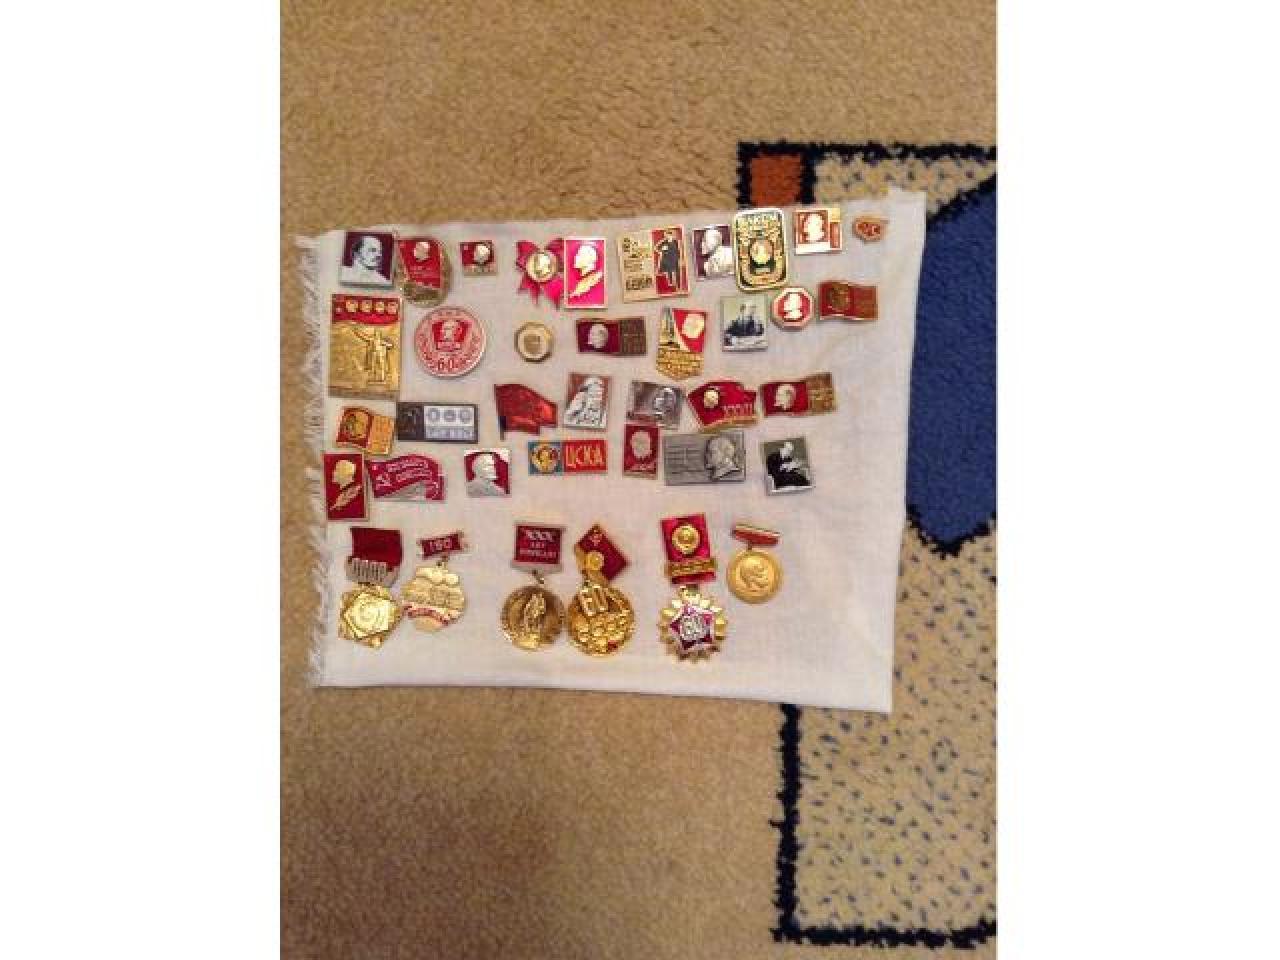 коллекция значков с изображением в.и.ленина - 2